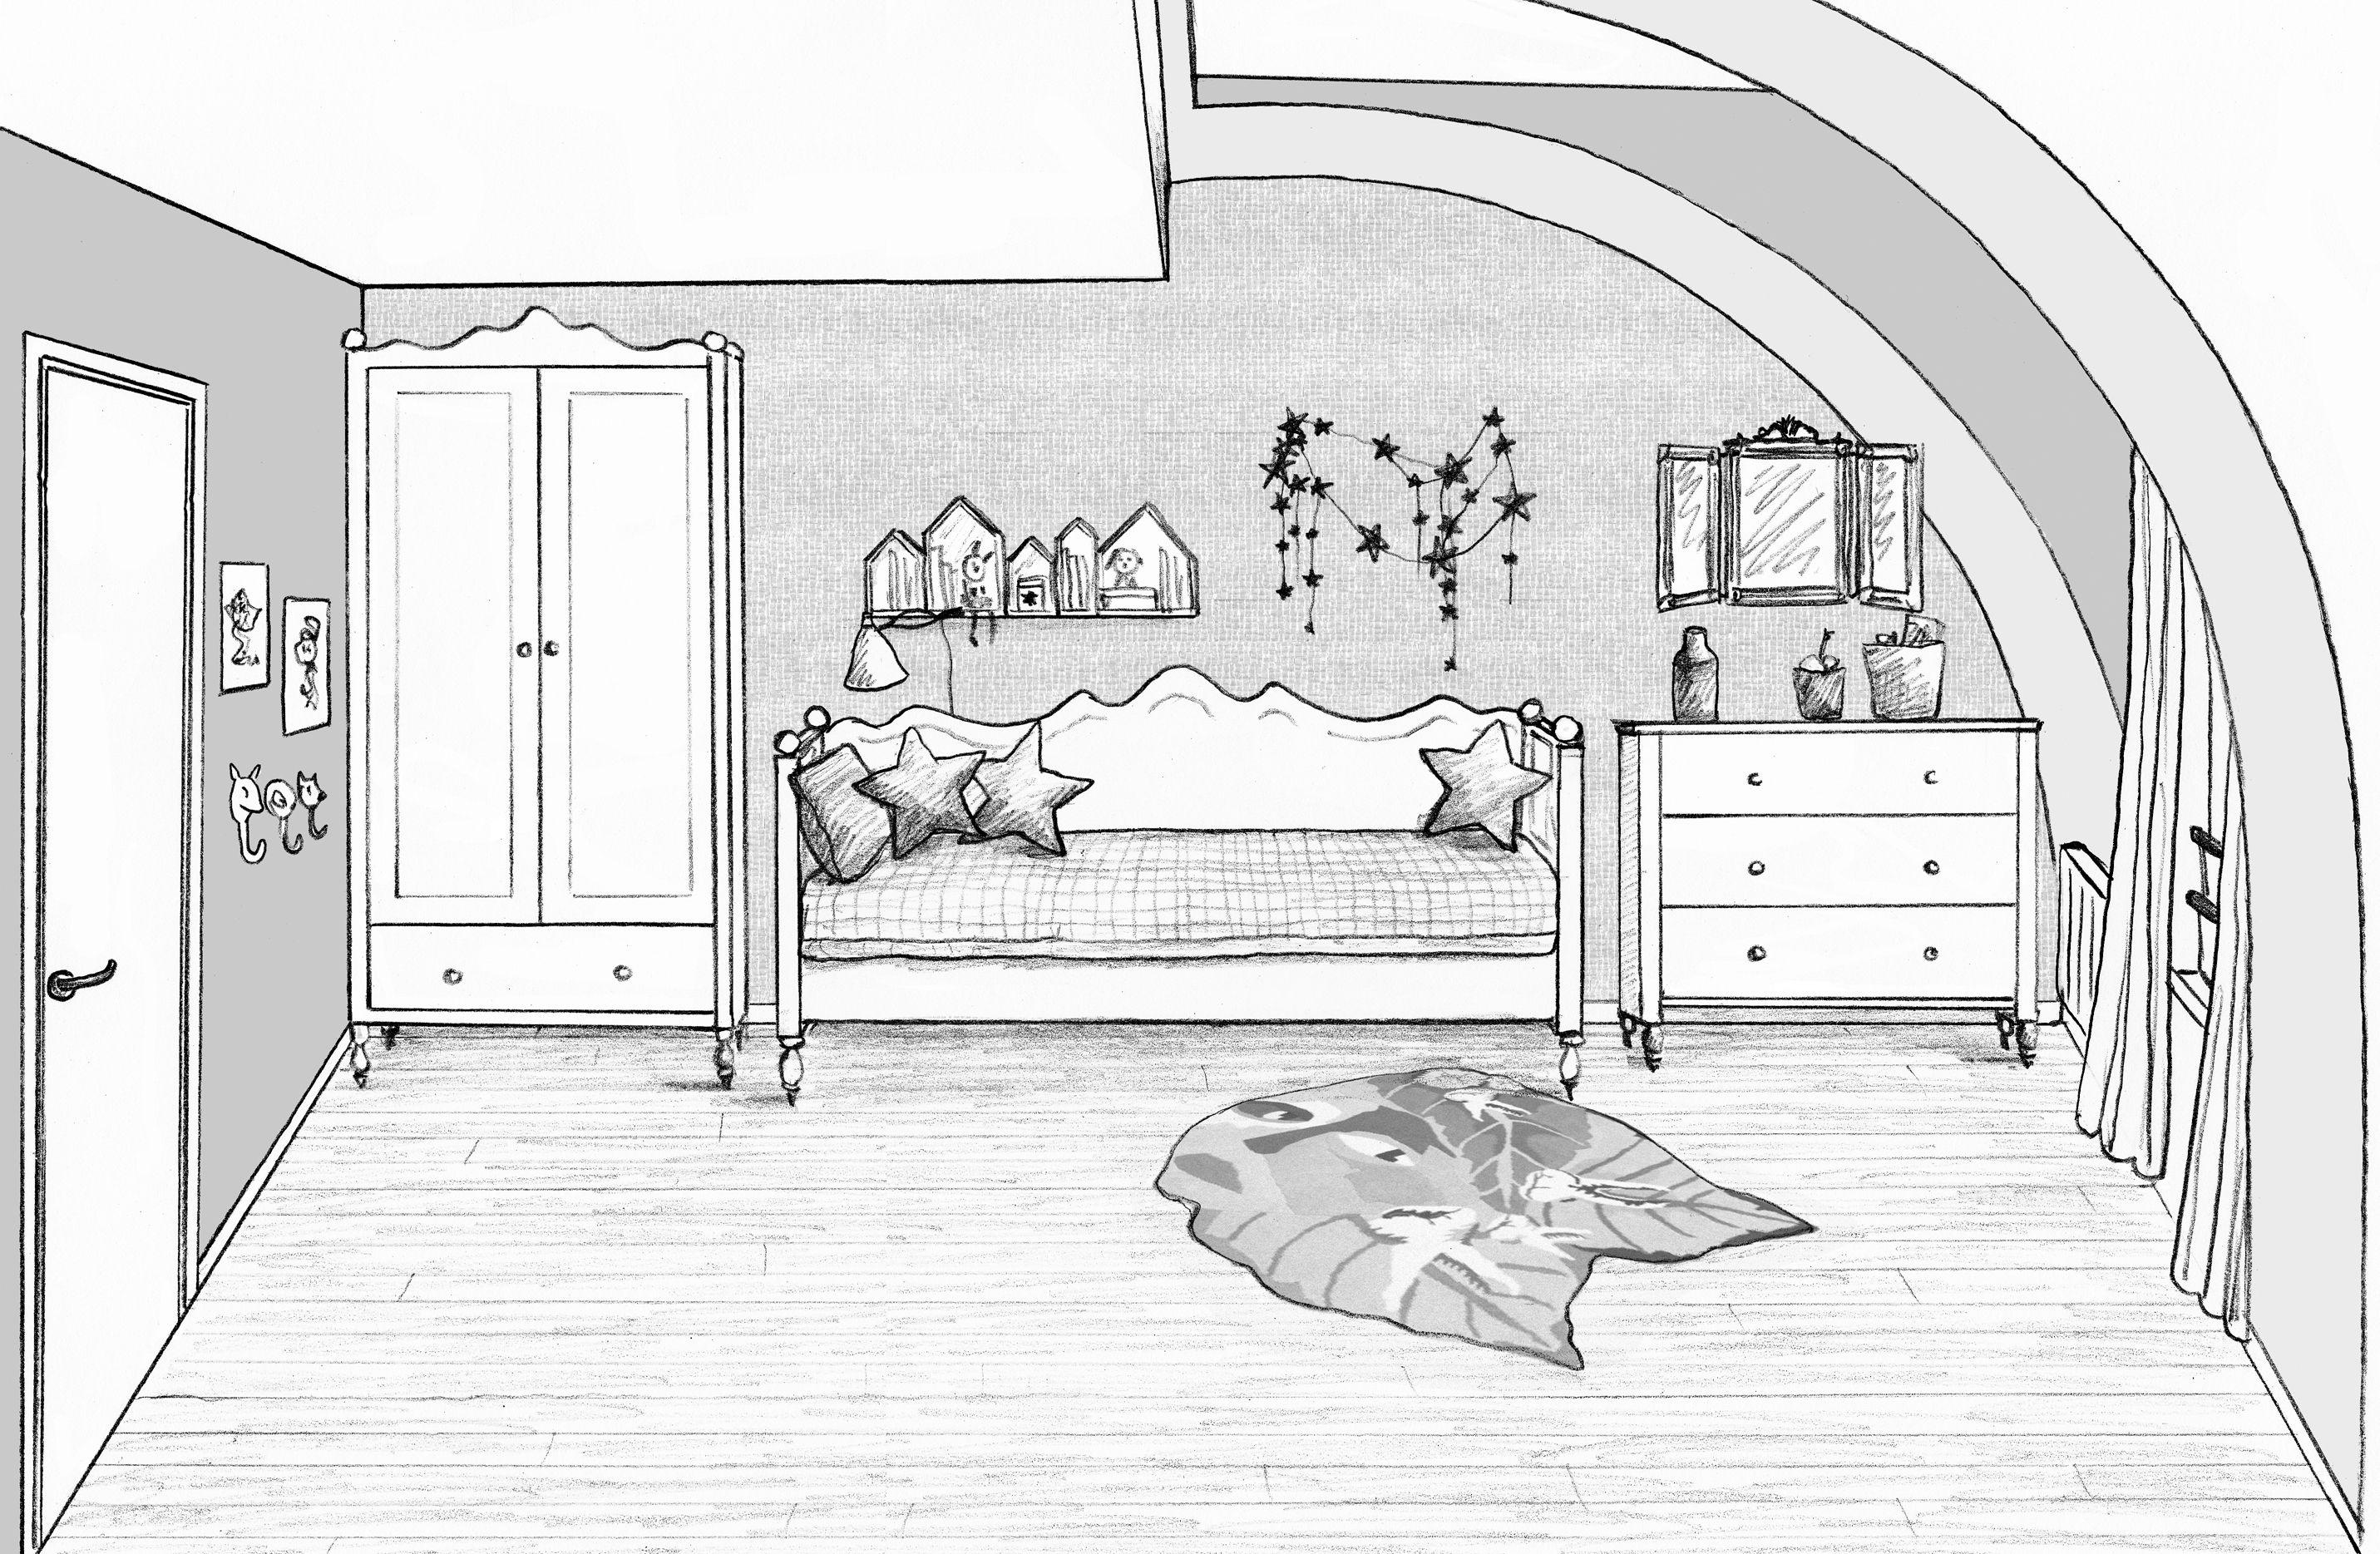 Chambre File La Reine Des Neige Maison Dessin Dessin Architecture Interieur Dessin D Architecture